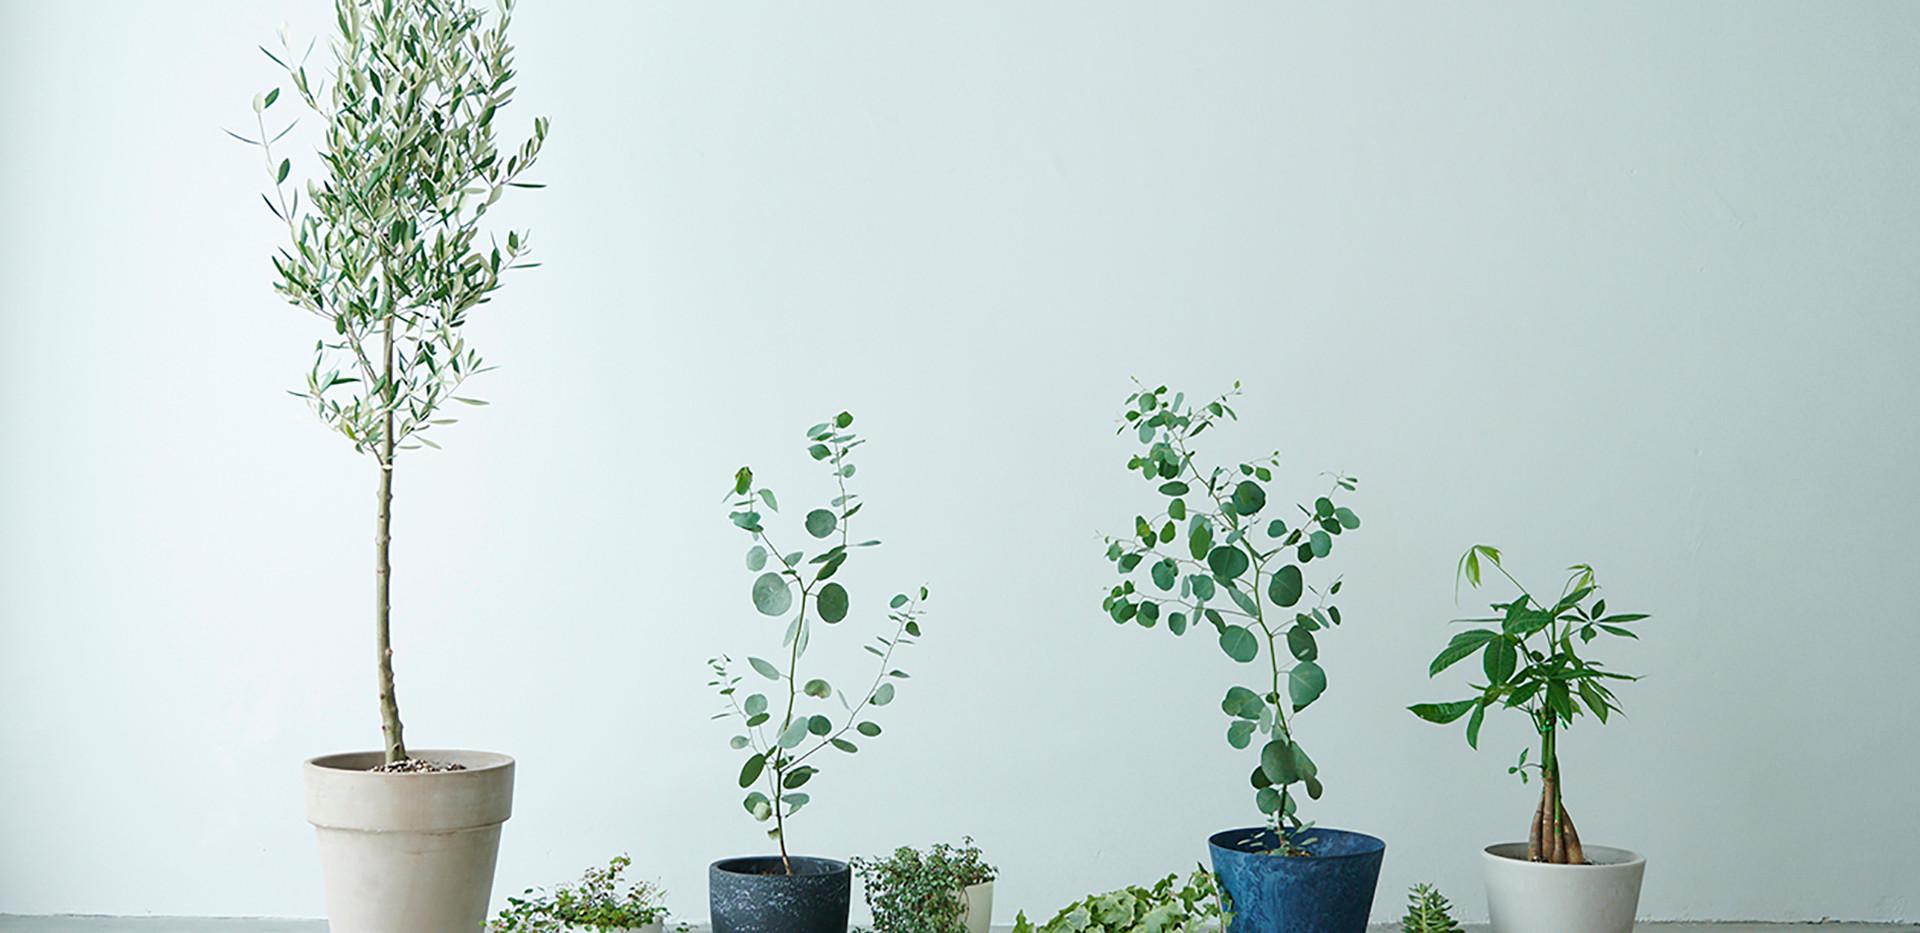 観葉植物。増えたり減ったりします。